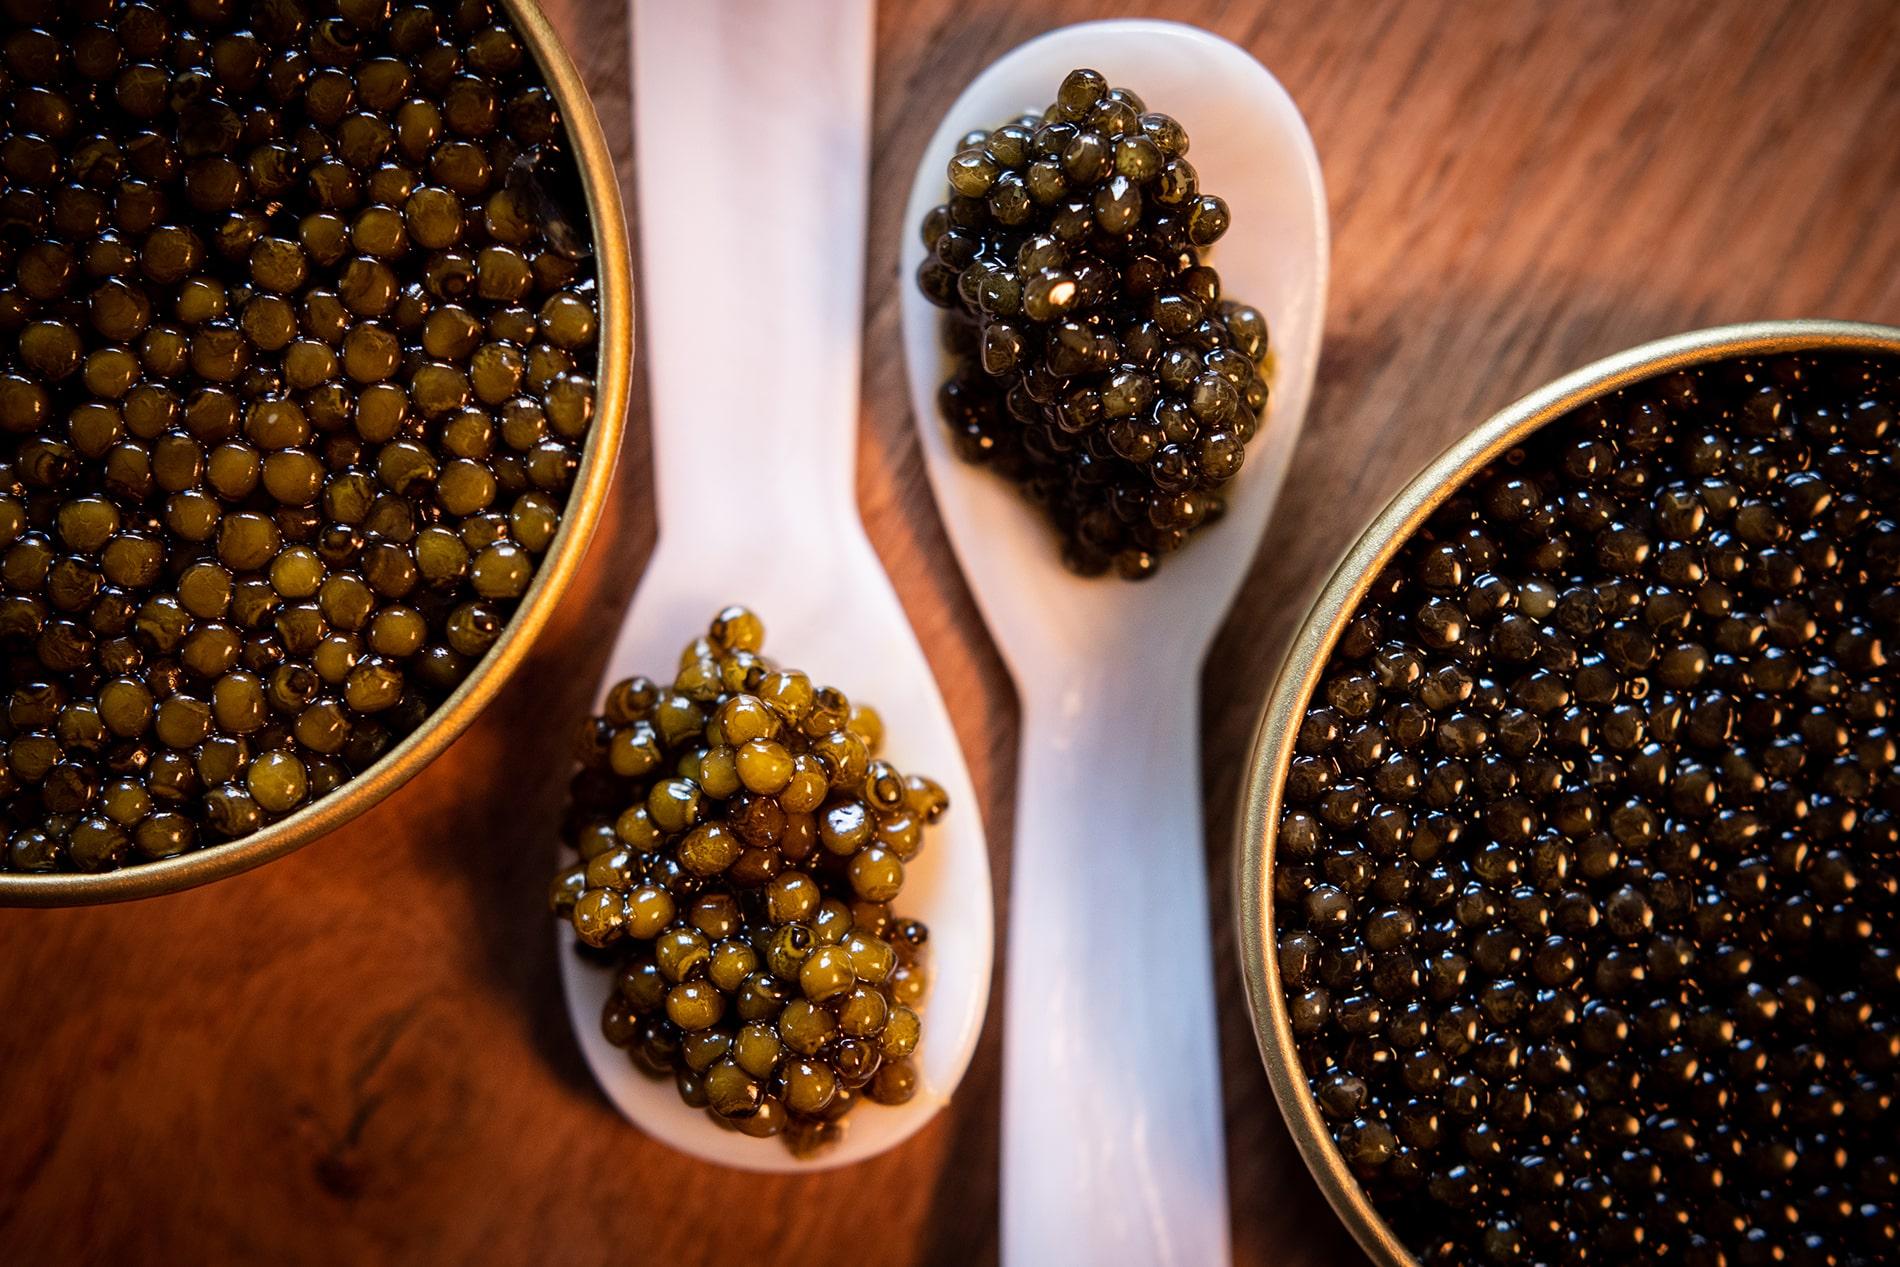 Meilleures façons de manger du caviar